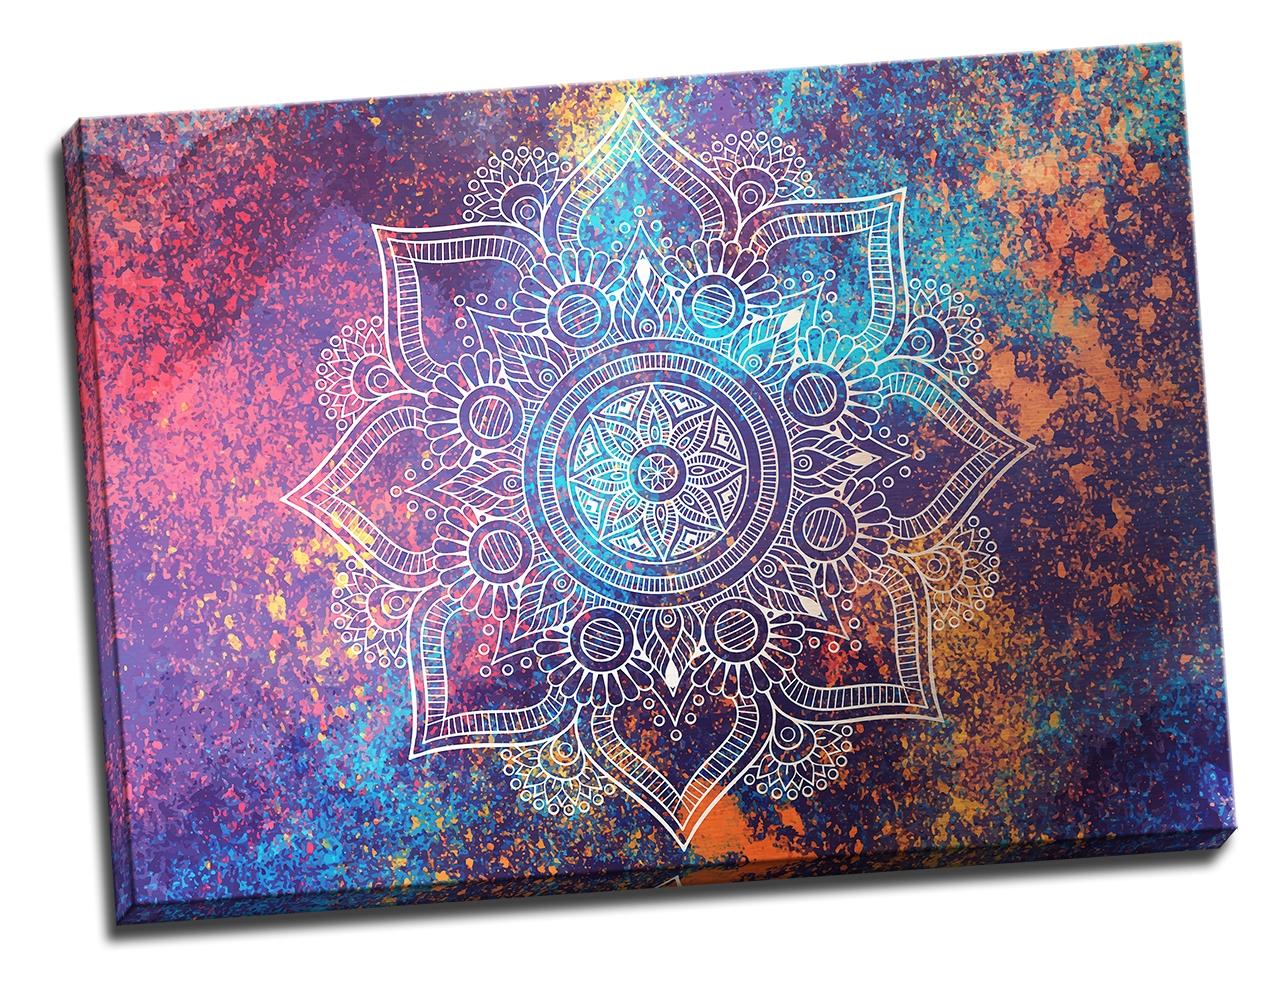 Tablou din aluminiu striat Cosmic Mandala